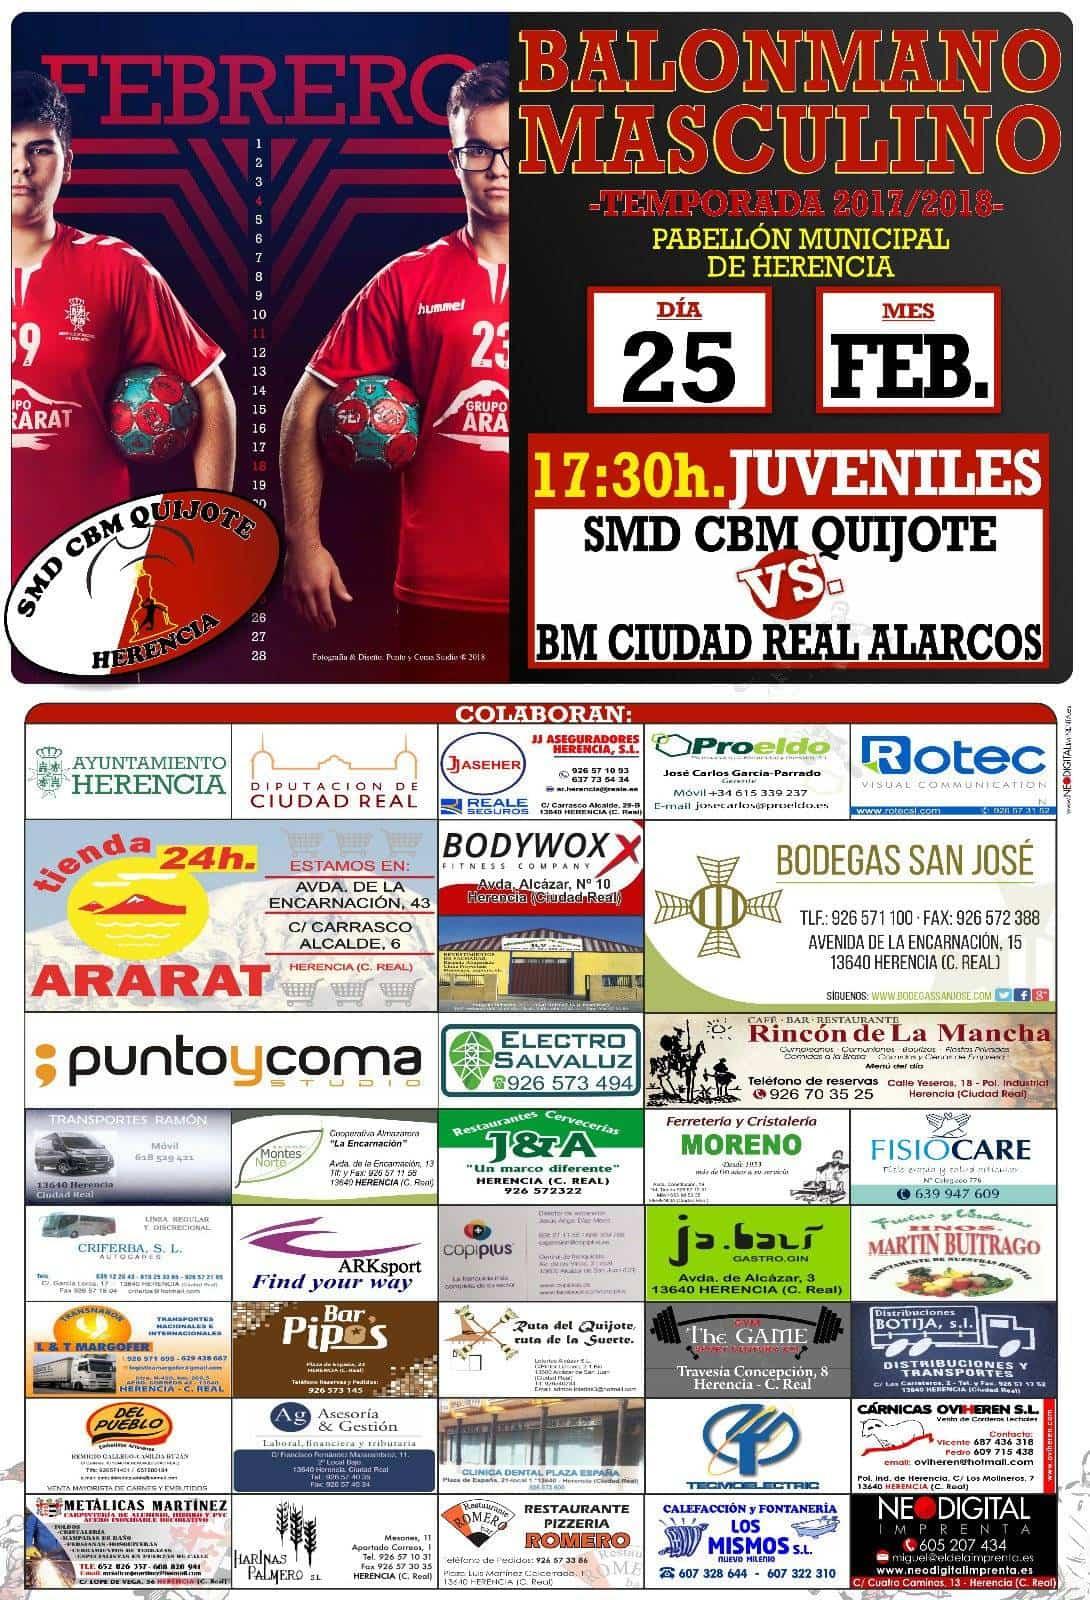 quijote herencia bm ciudad real alarcos - Balonmano en Herencia: SMD CBM Quijote vs BM Ciudad Real Alarcos, 25 de febrero